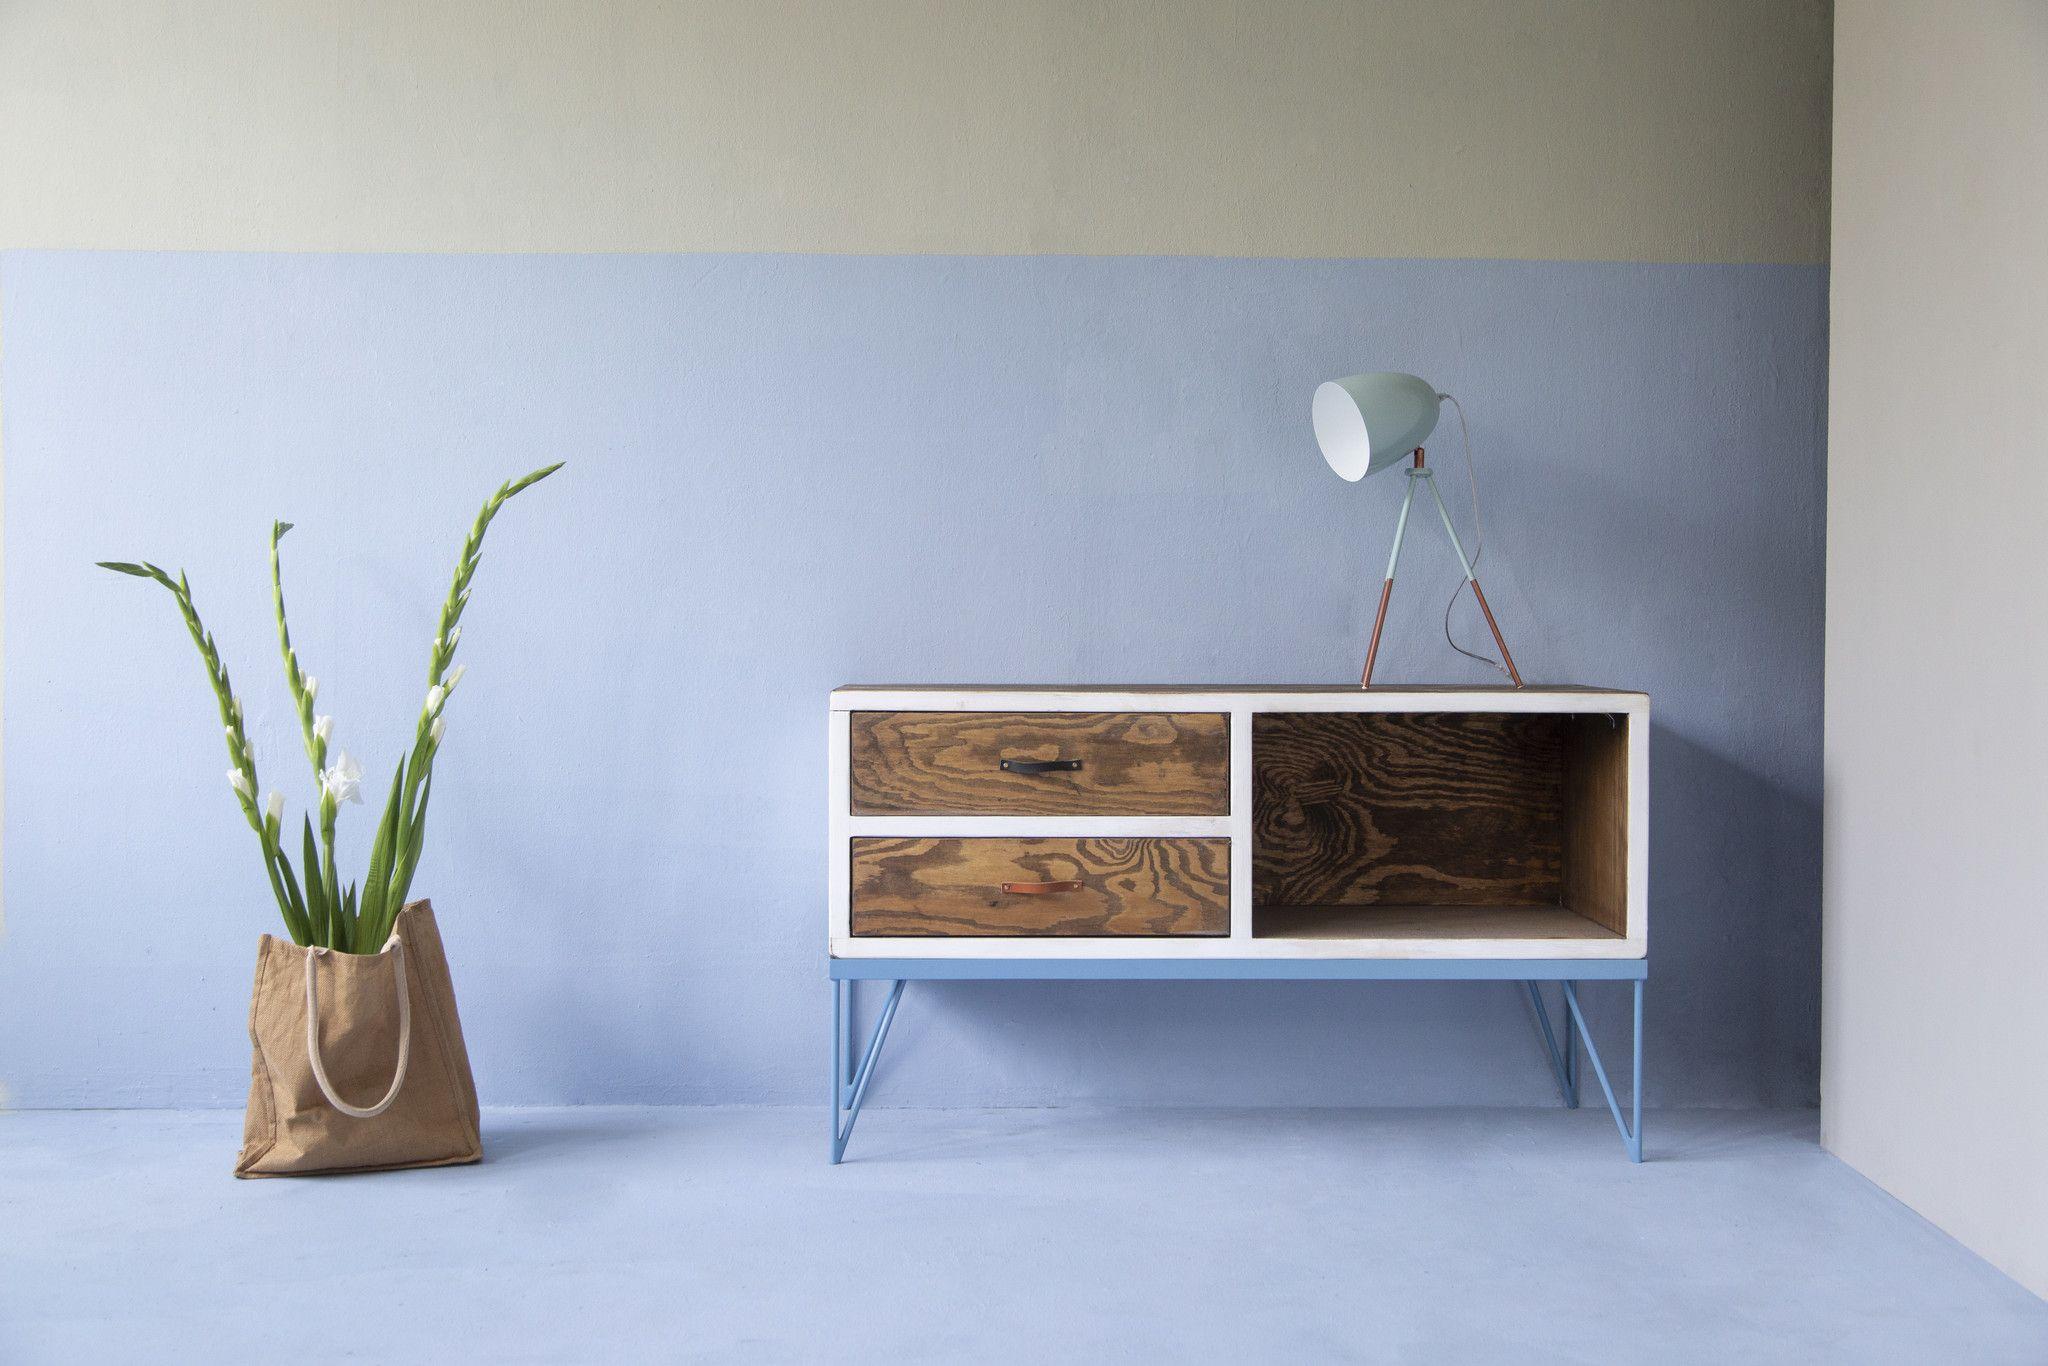 Das Sideboard Aus Bauholz Pulverbeschichtetem Eisen Verspruht Industrial Charme Im Ganzen Wohnzimmer Und Sorgt